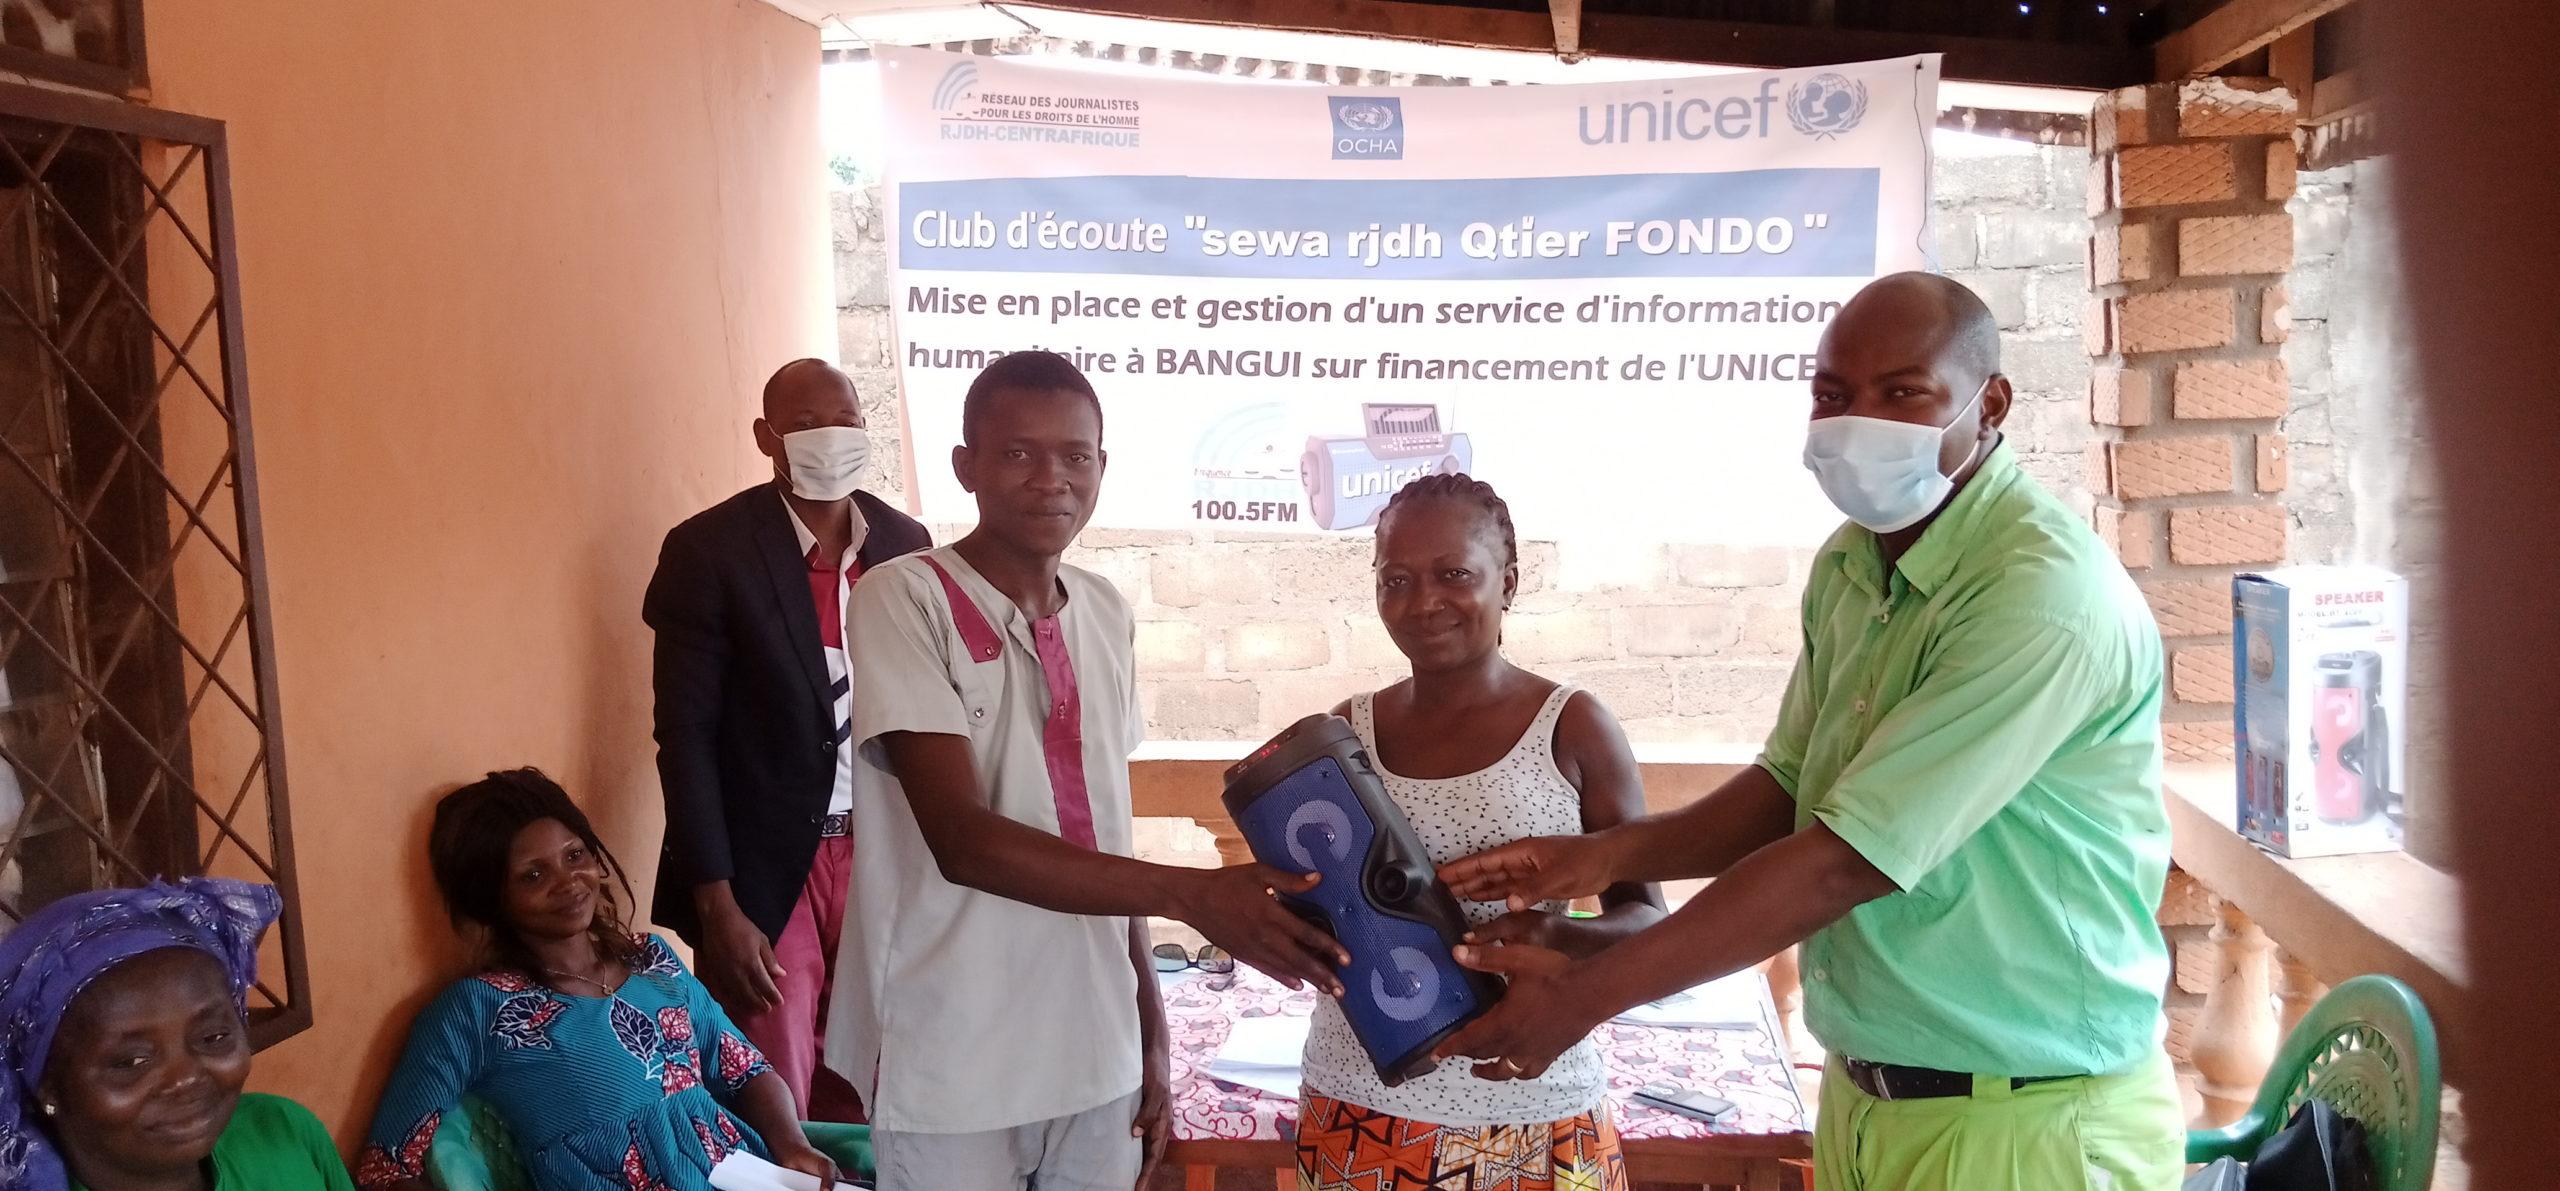 Centrafrique : Le RJDH lance la mise en place des clubs d'écoute de Bangui